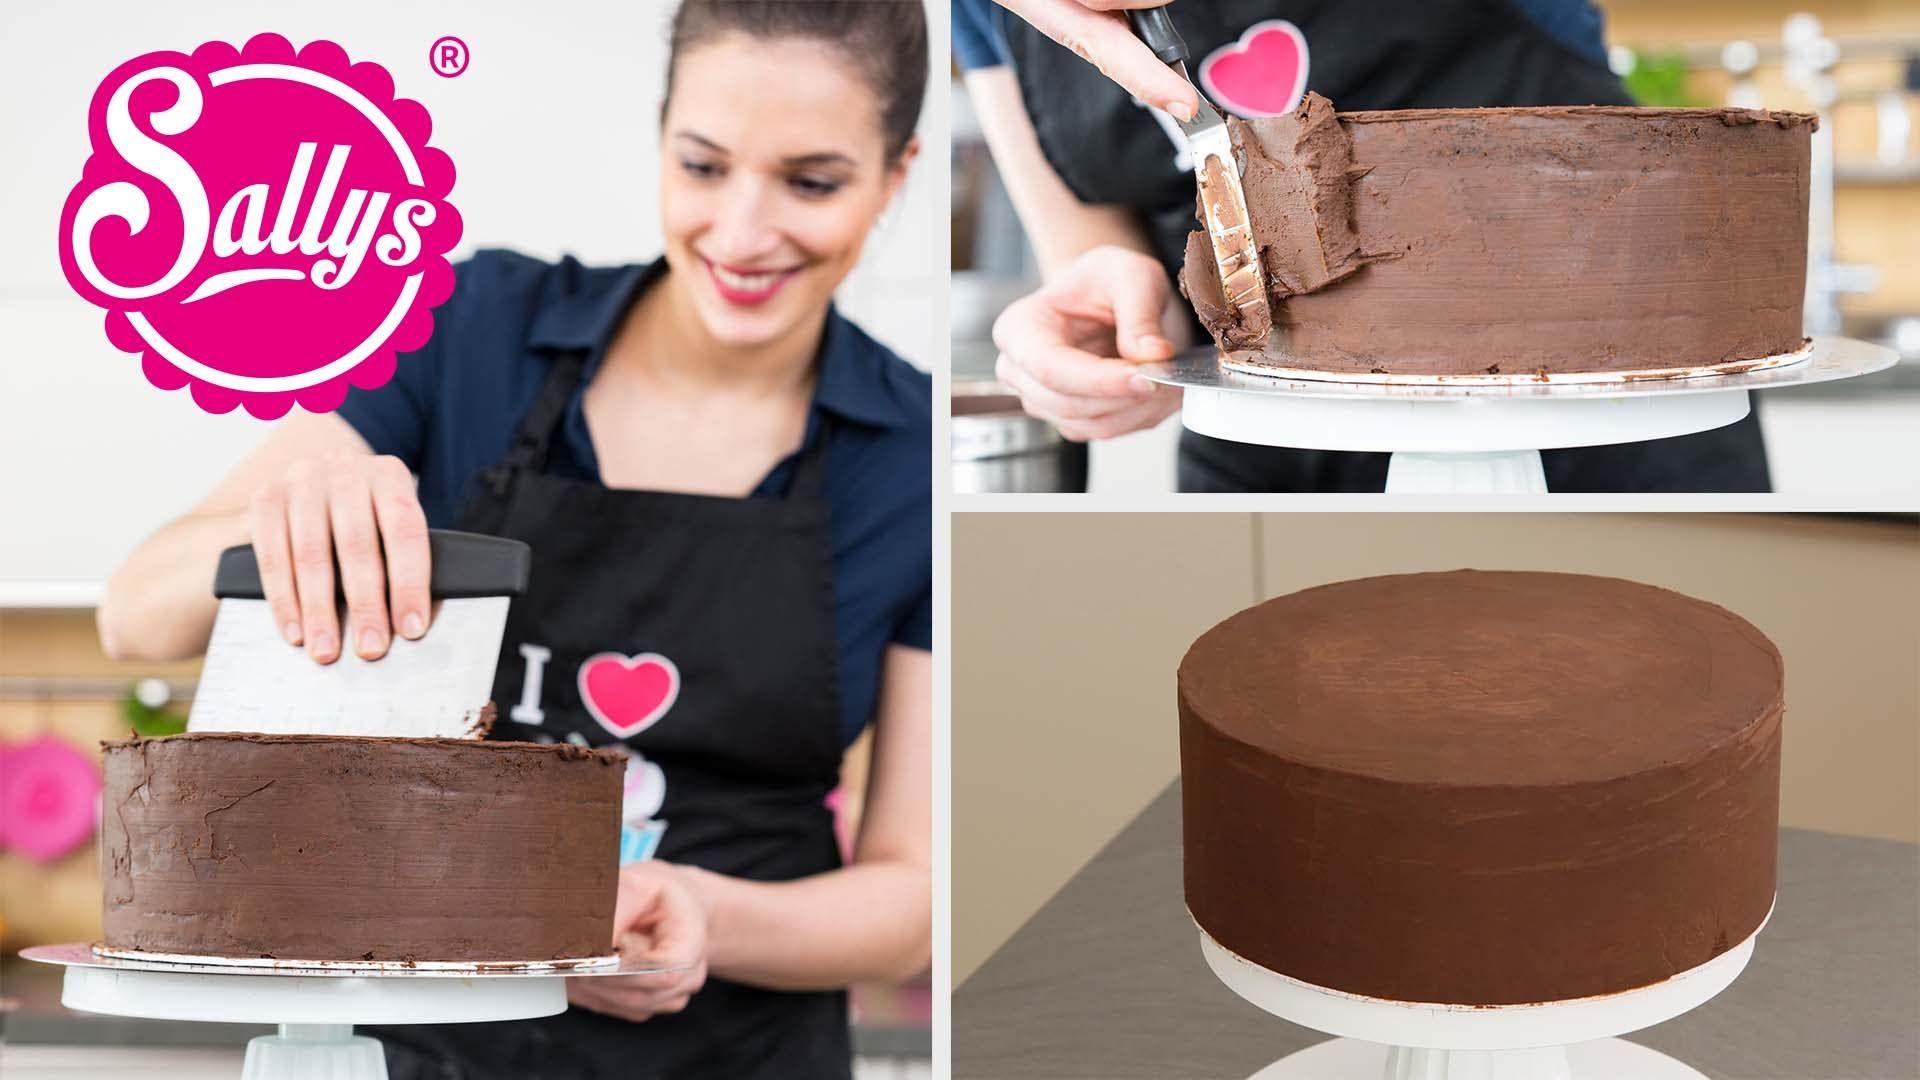 Torten Glatt Streichen Mit Ganache Sallys Basics Motivtorten How To Kuchen Und Torten Motivtorten Kuchen Mit Fondant